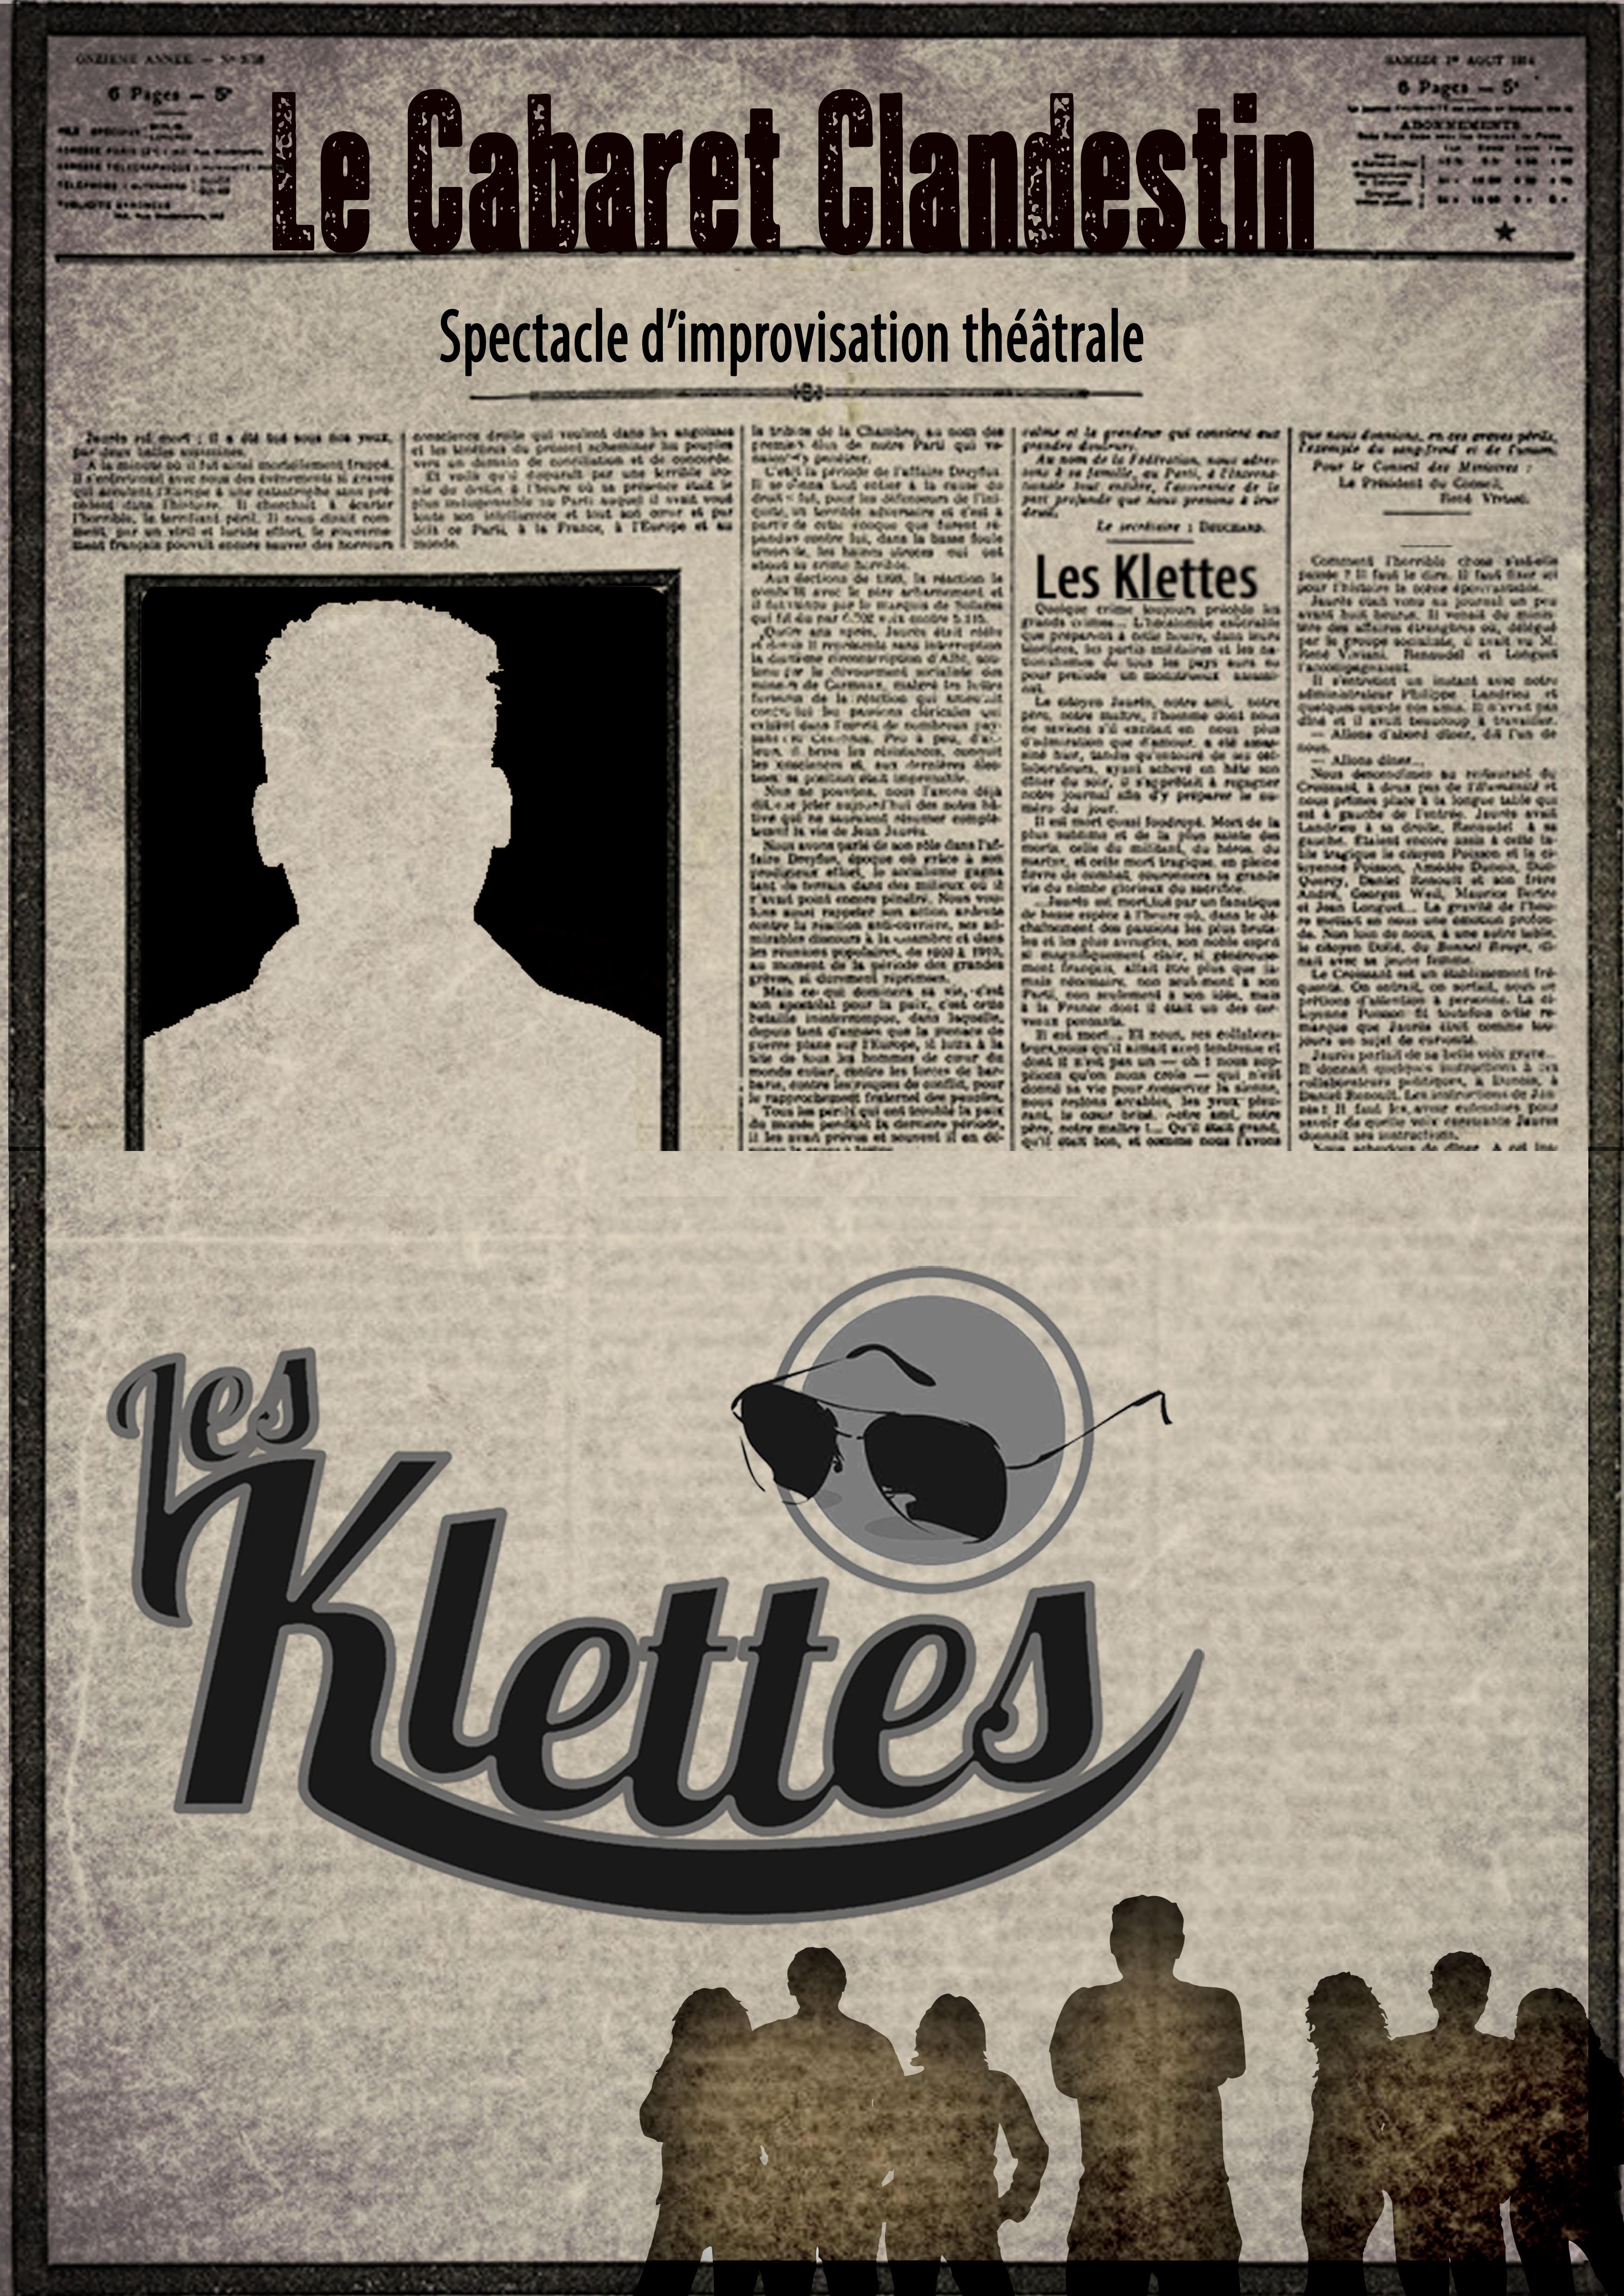 Les Klettes